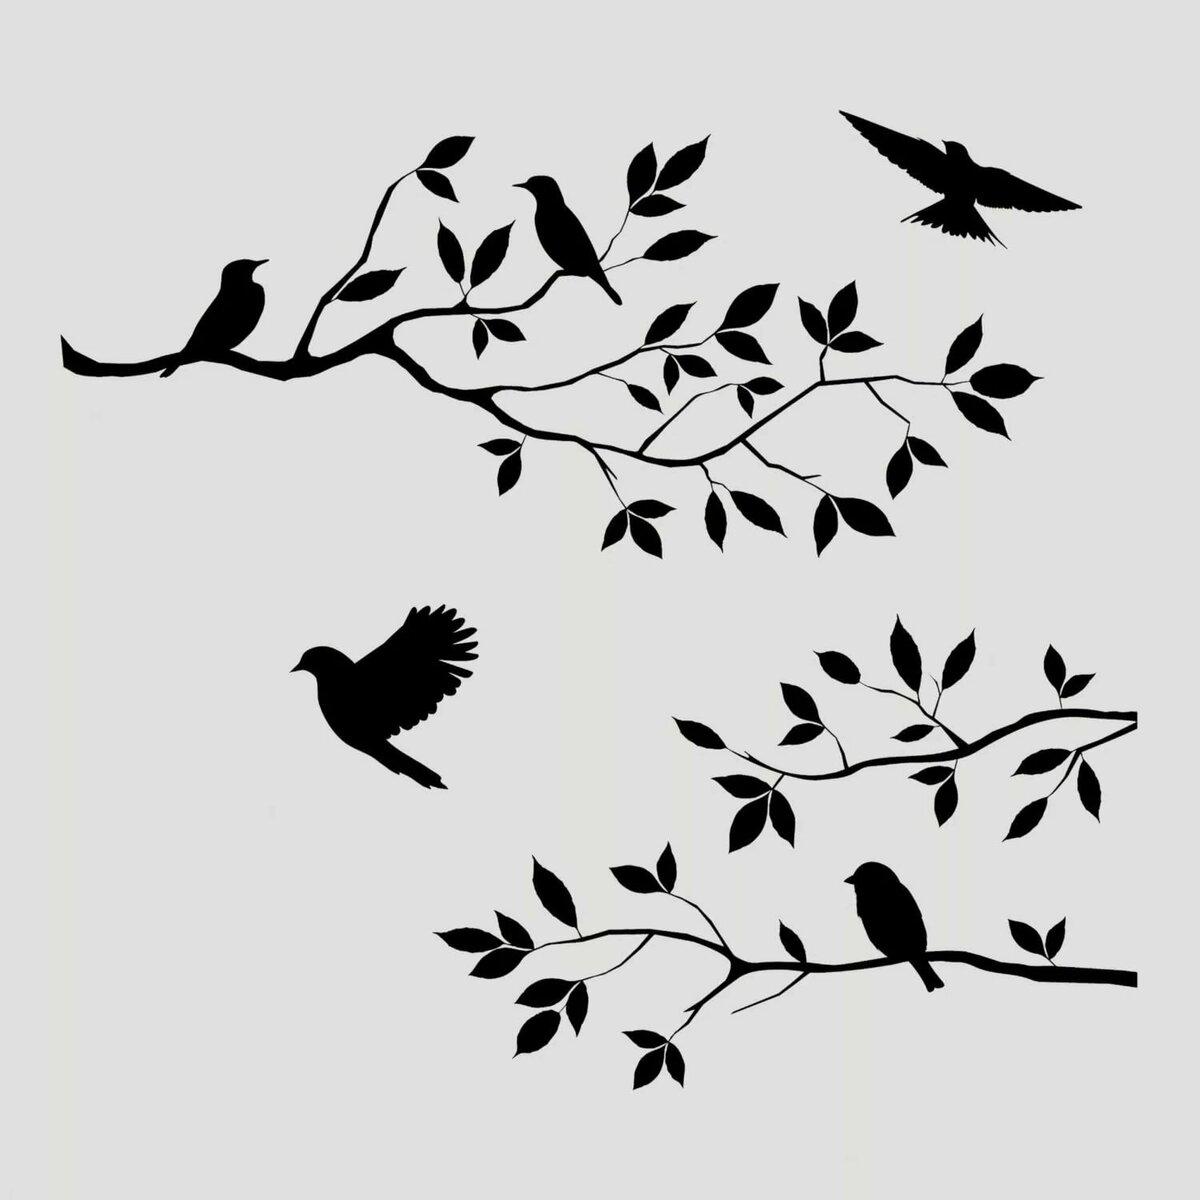 птички на ветке картинки для вырезания турецкий белый один